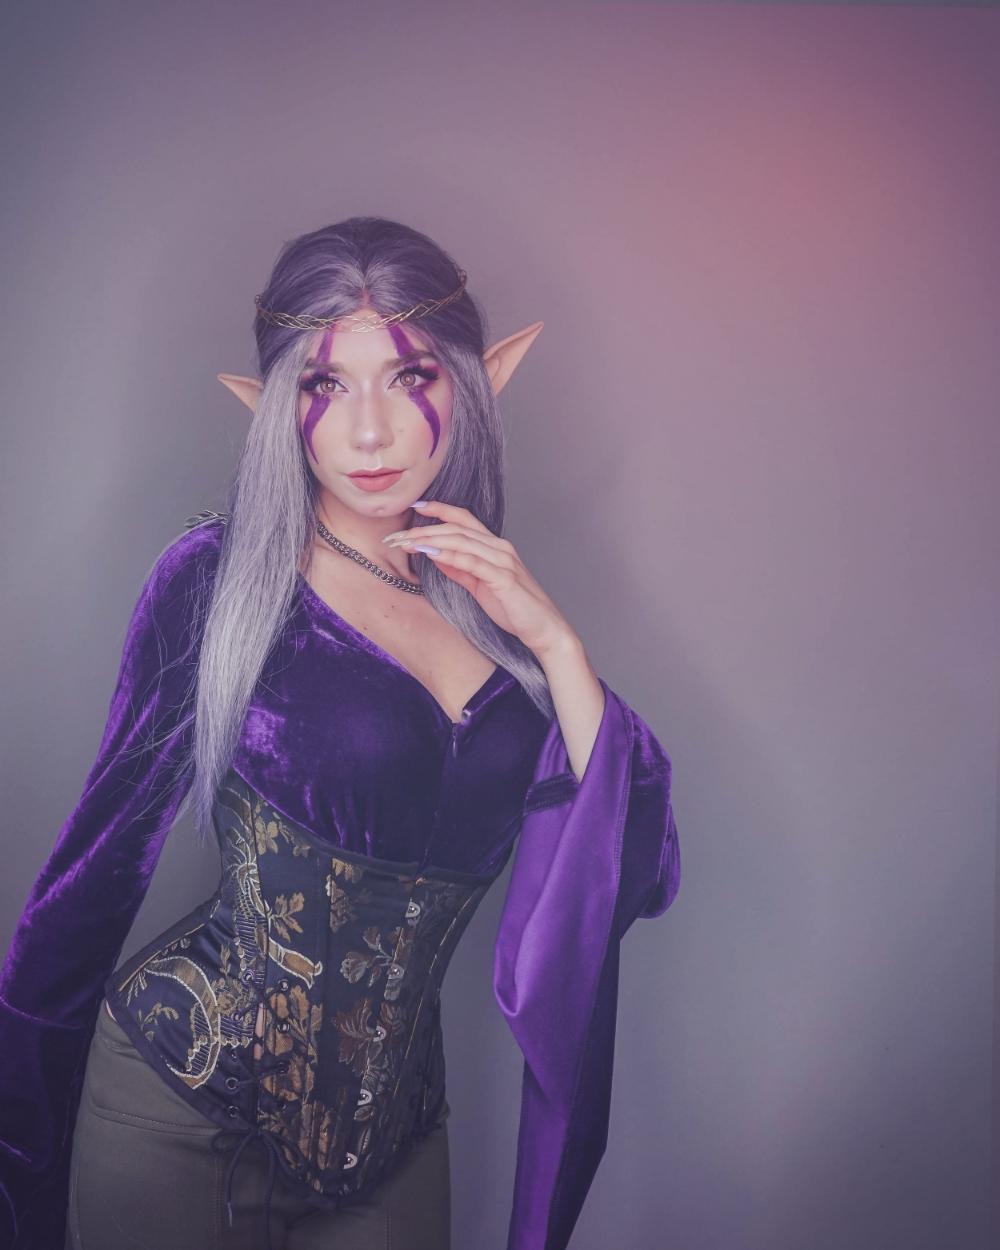 How To Get To Darnassus For 2020 Halloween Lady of Darnassus   Night Elf World of Warcraft   Aubrey Busek